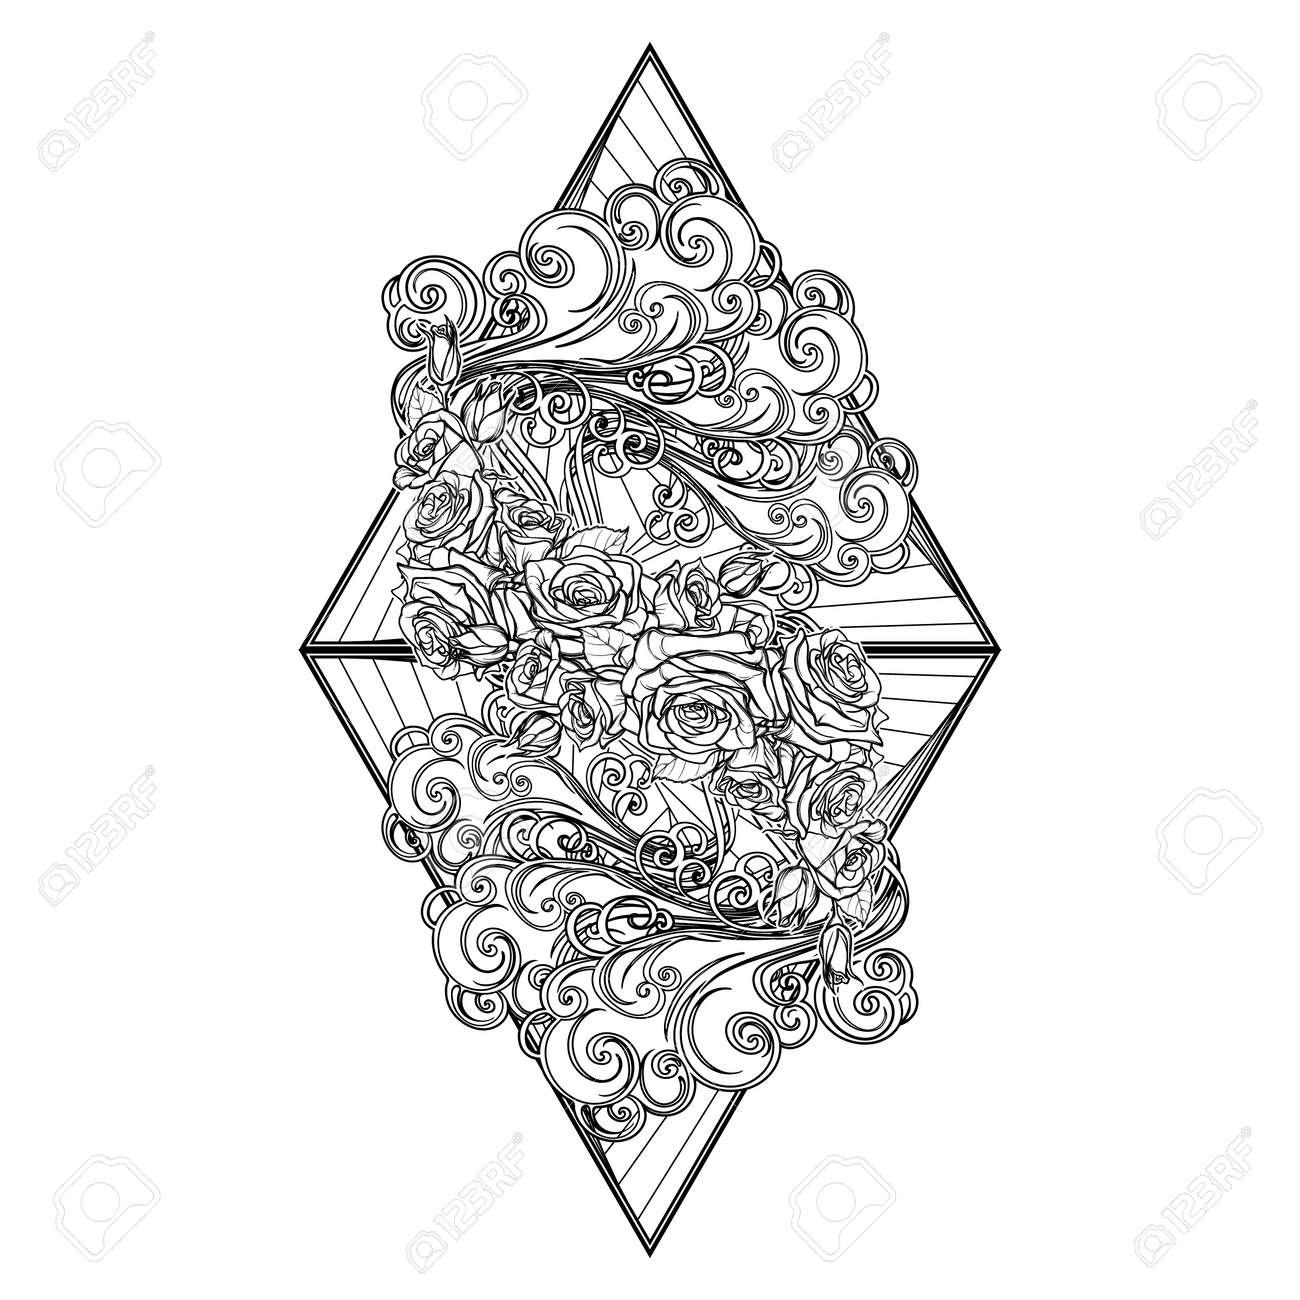 Coloriage Guirlande Fleurs.Element Air Vignette Decorative Avec Des Nuages Boucles Et Guirlande De Fleurs Roses Sur Des Triangles Dessin De Main Lineaire Noir Isole Sur